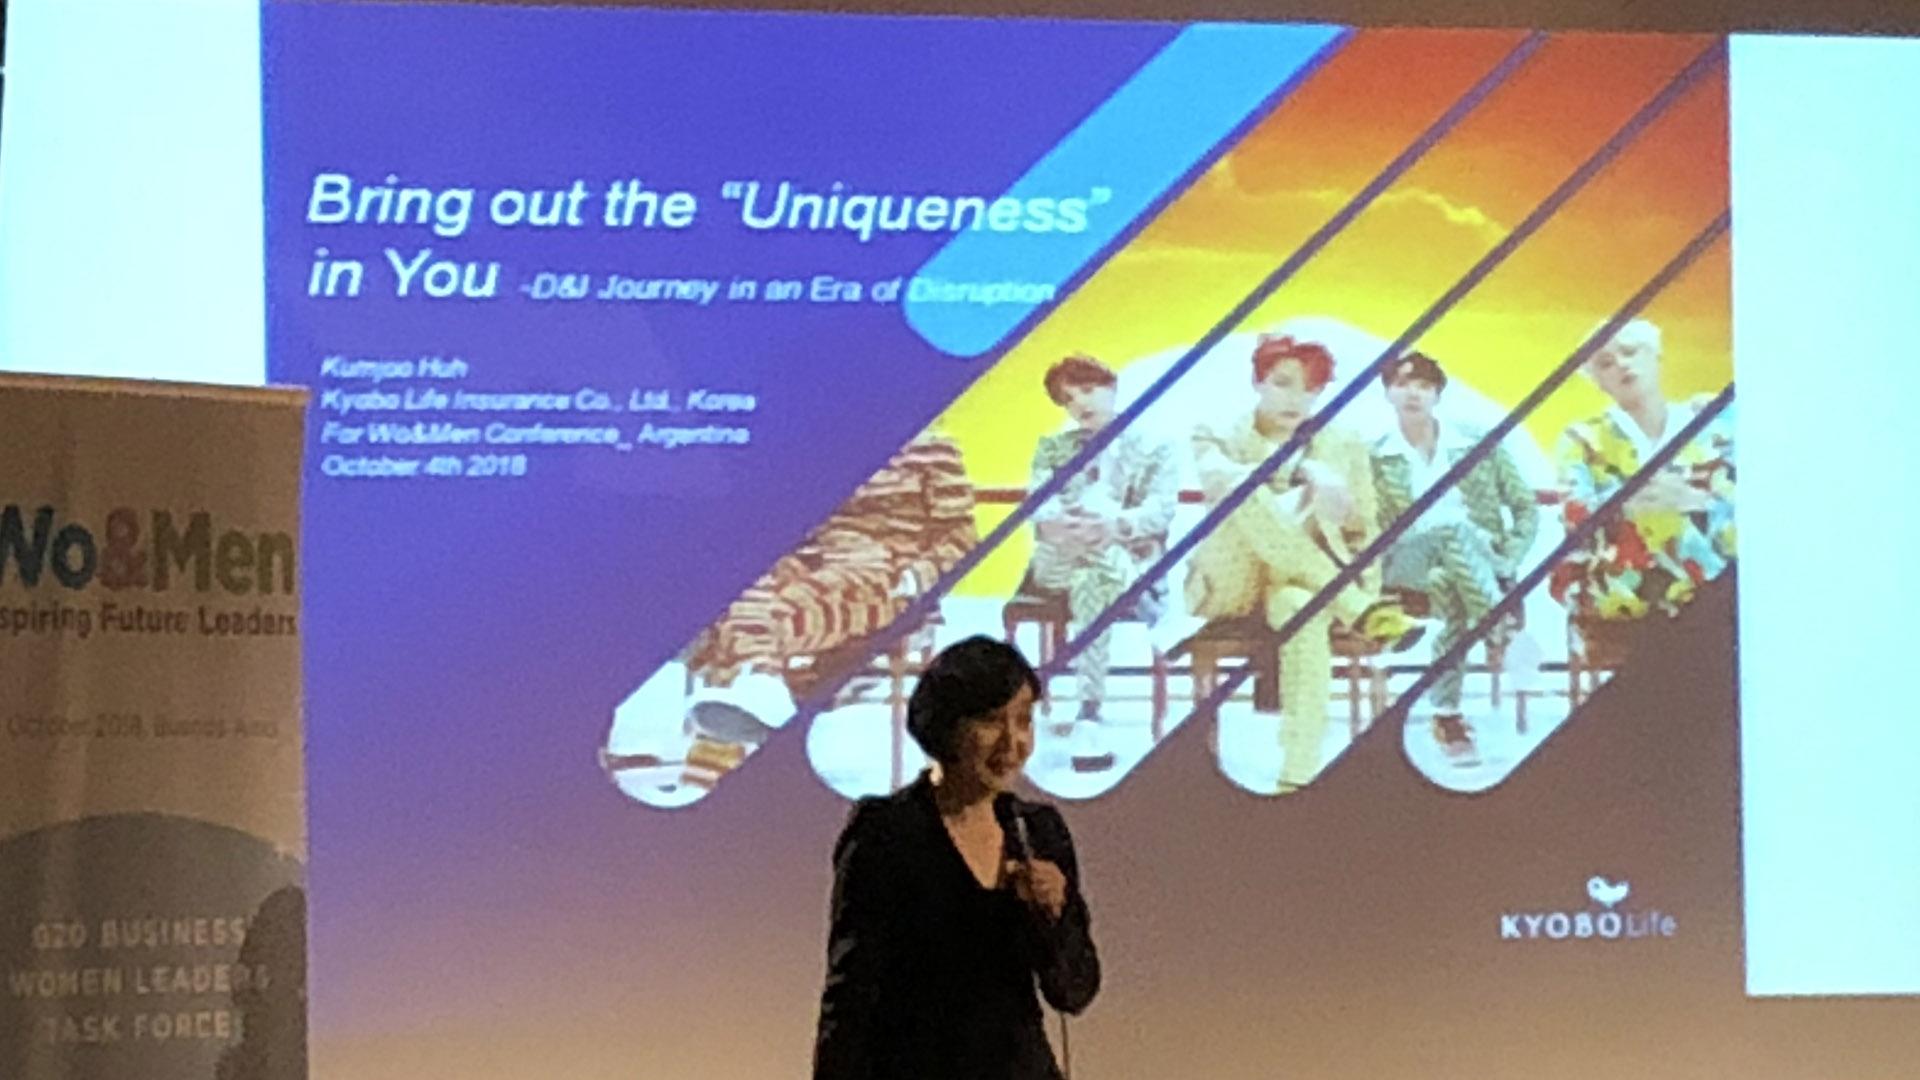 Kumjoo Huh de Corea del Sur (Managing Director Kyobo Life Insurance y miembro del BWLTF) relató su experiencia de vida y cómo logró el éxito laboral y familiar